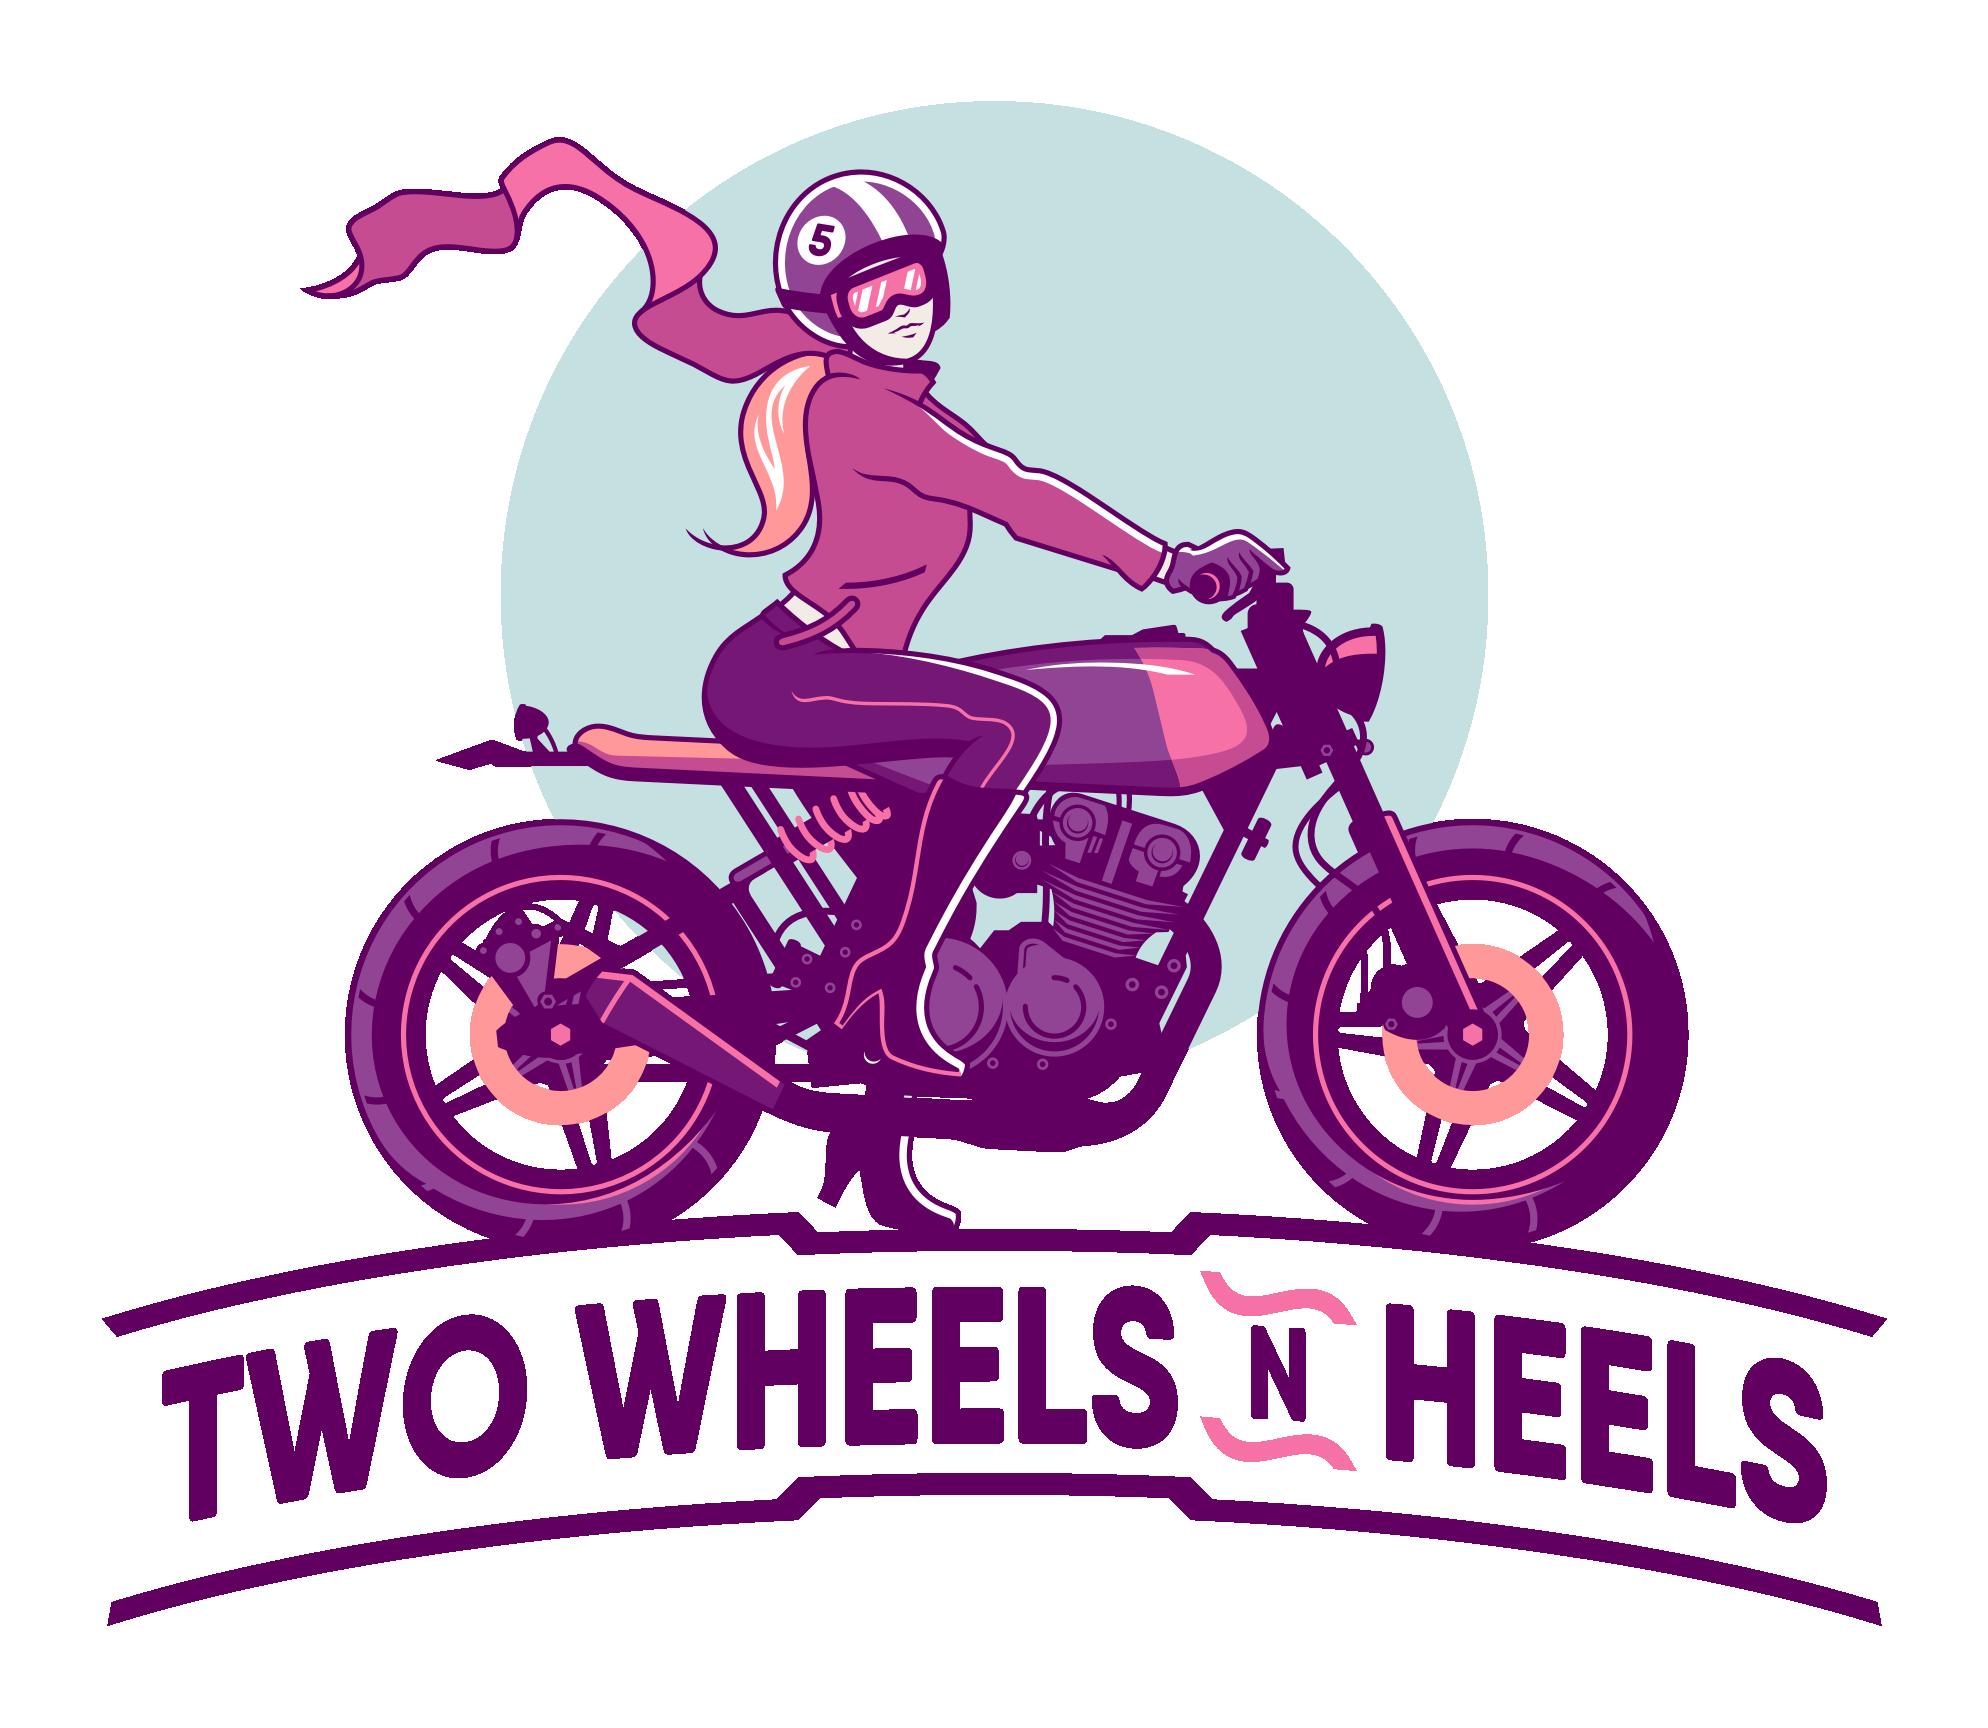 Two wheels n heels. Wheel clipart motorcycle wheel